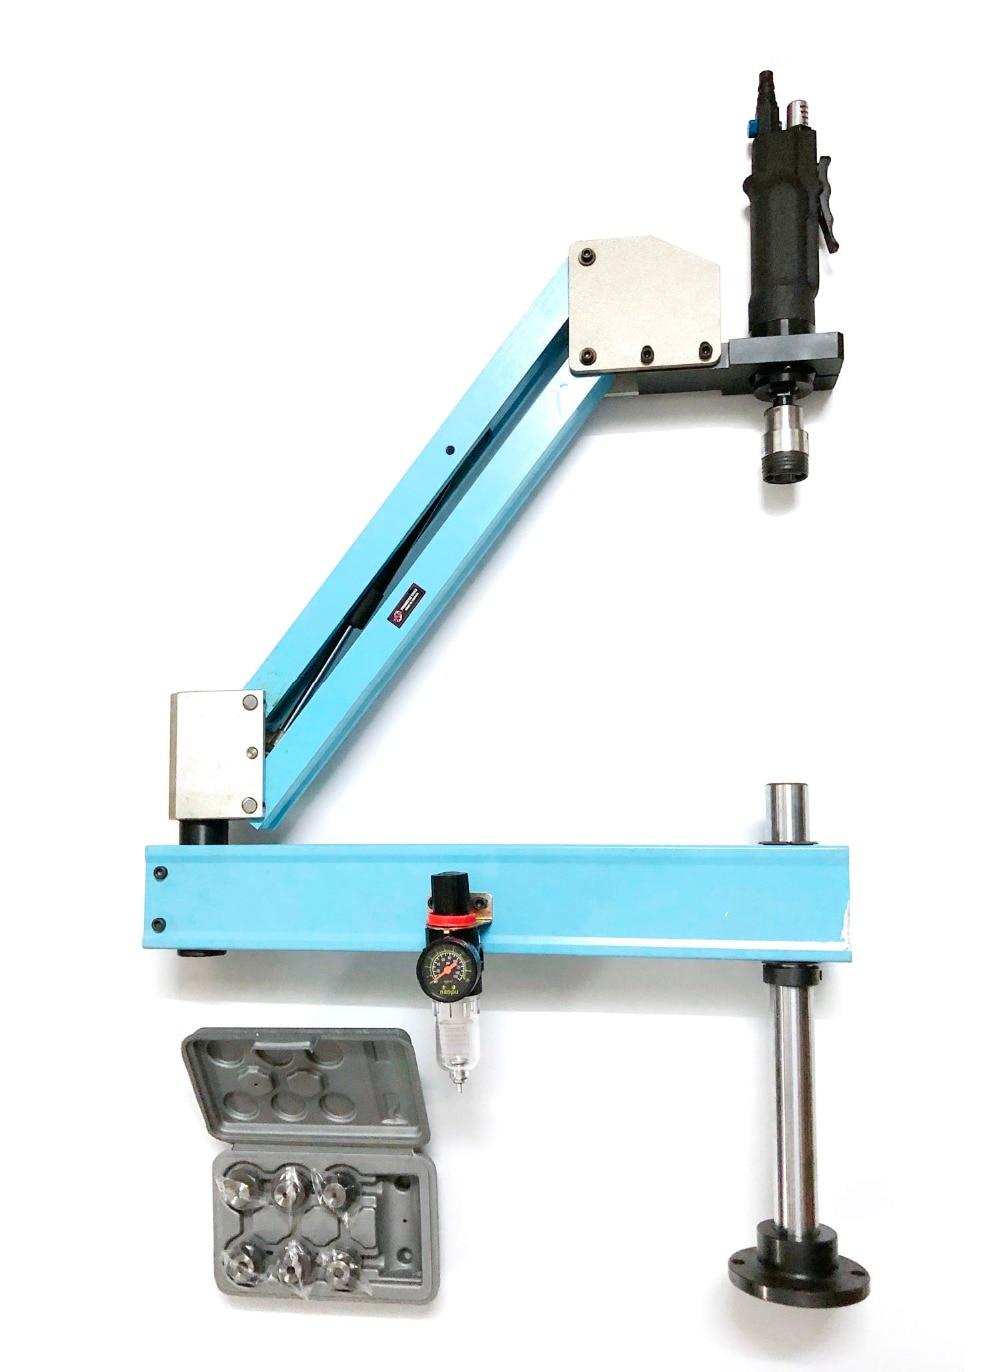 M3-M12 Verticale Tipo di Pneumatico Toccando Macchina Utensile-lavoro Rubinetti Threading Macchina Toccando Capacità Pneumatico Strumenti Tapper